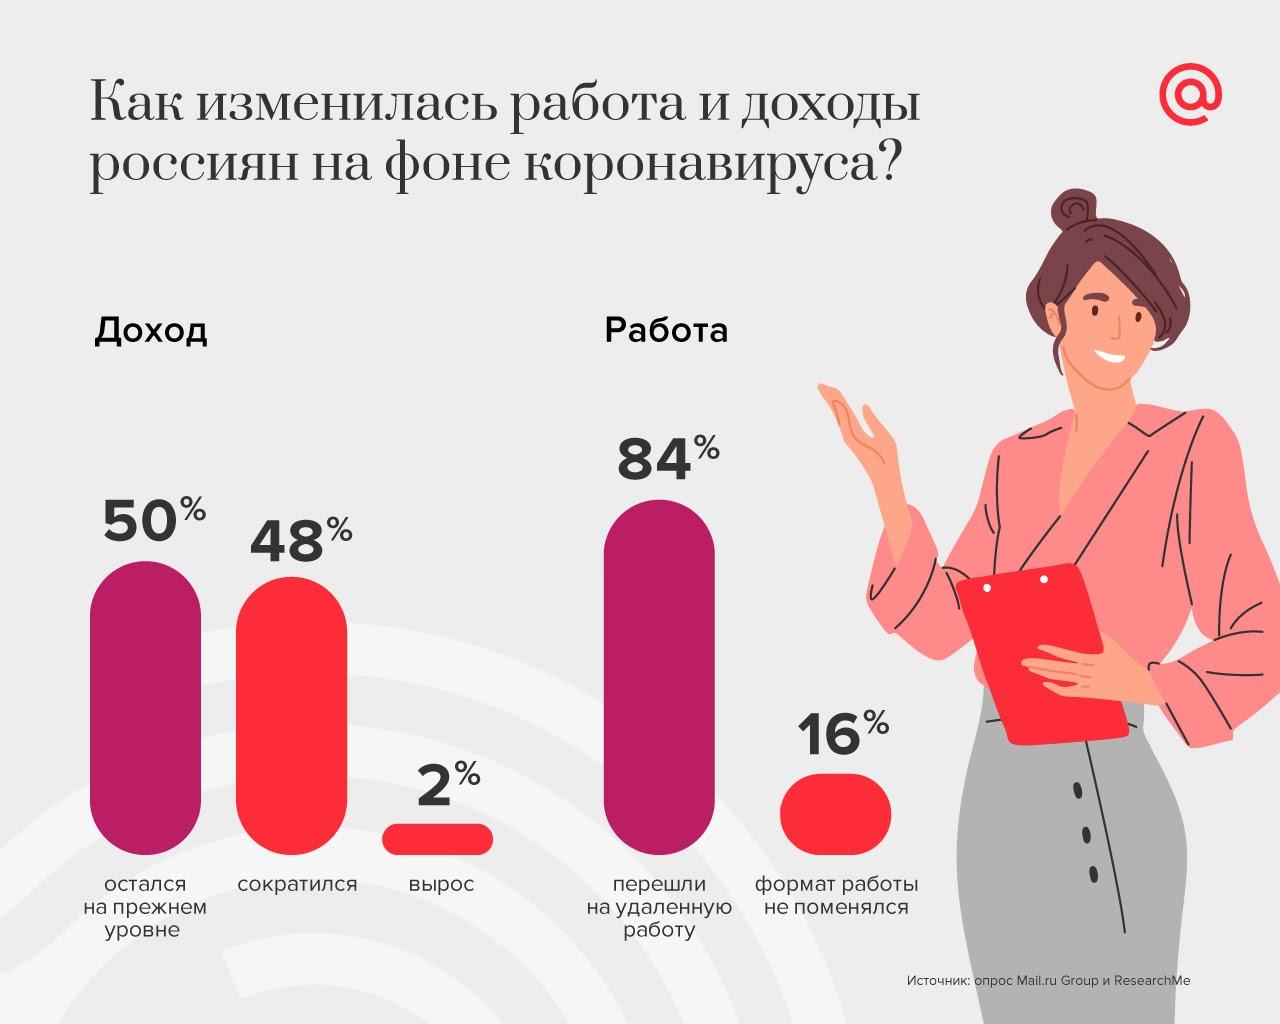 Но то, что работы стало больше, не мешает россиянам искать возможности для диверсификации своих доходов и искать подработку.